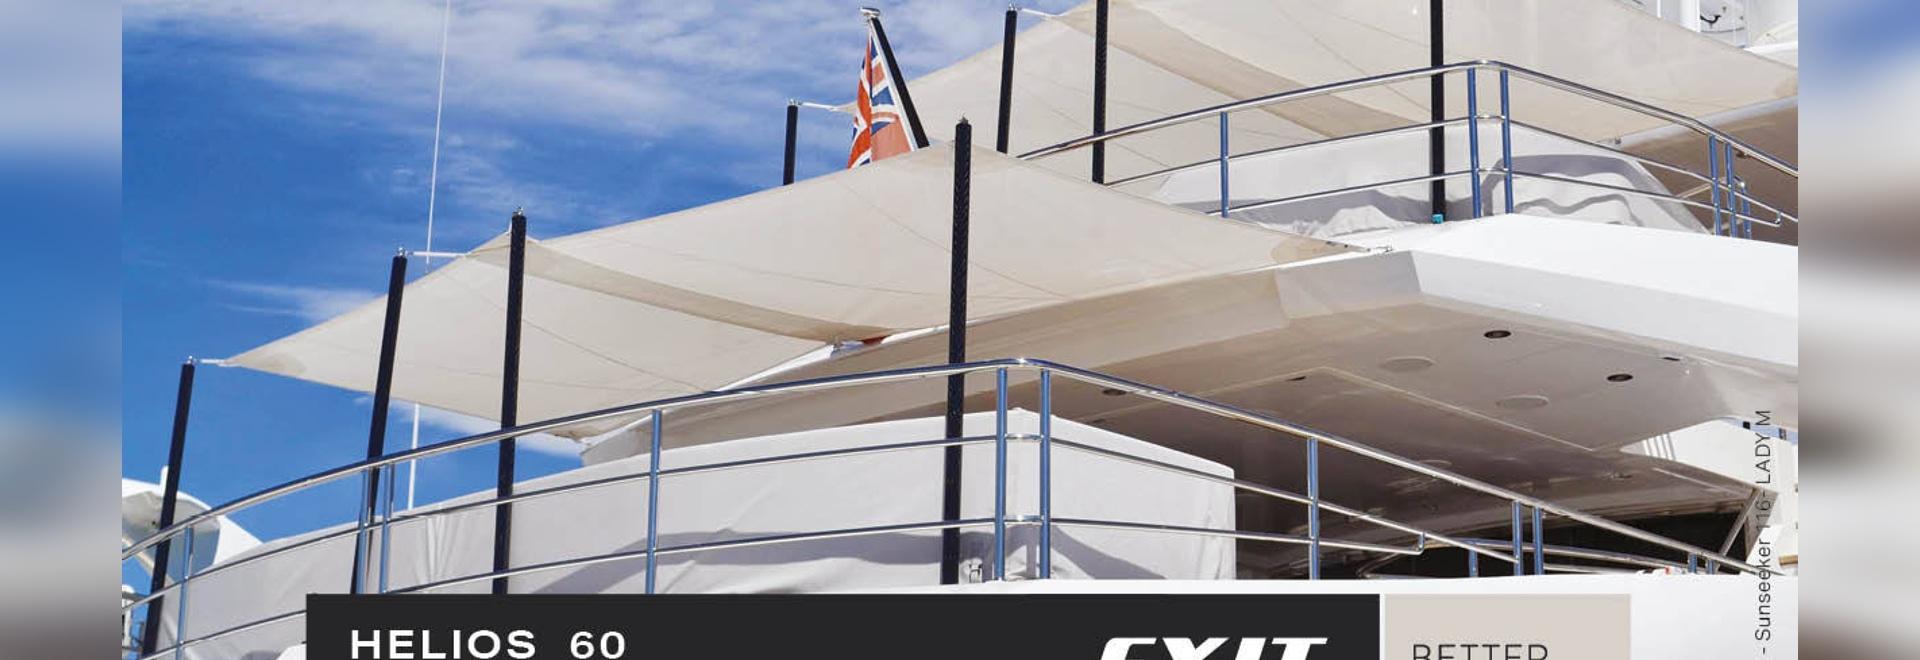 Helios 60, i pali per tende da sole in carbonio progettati per barche medio-grandi